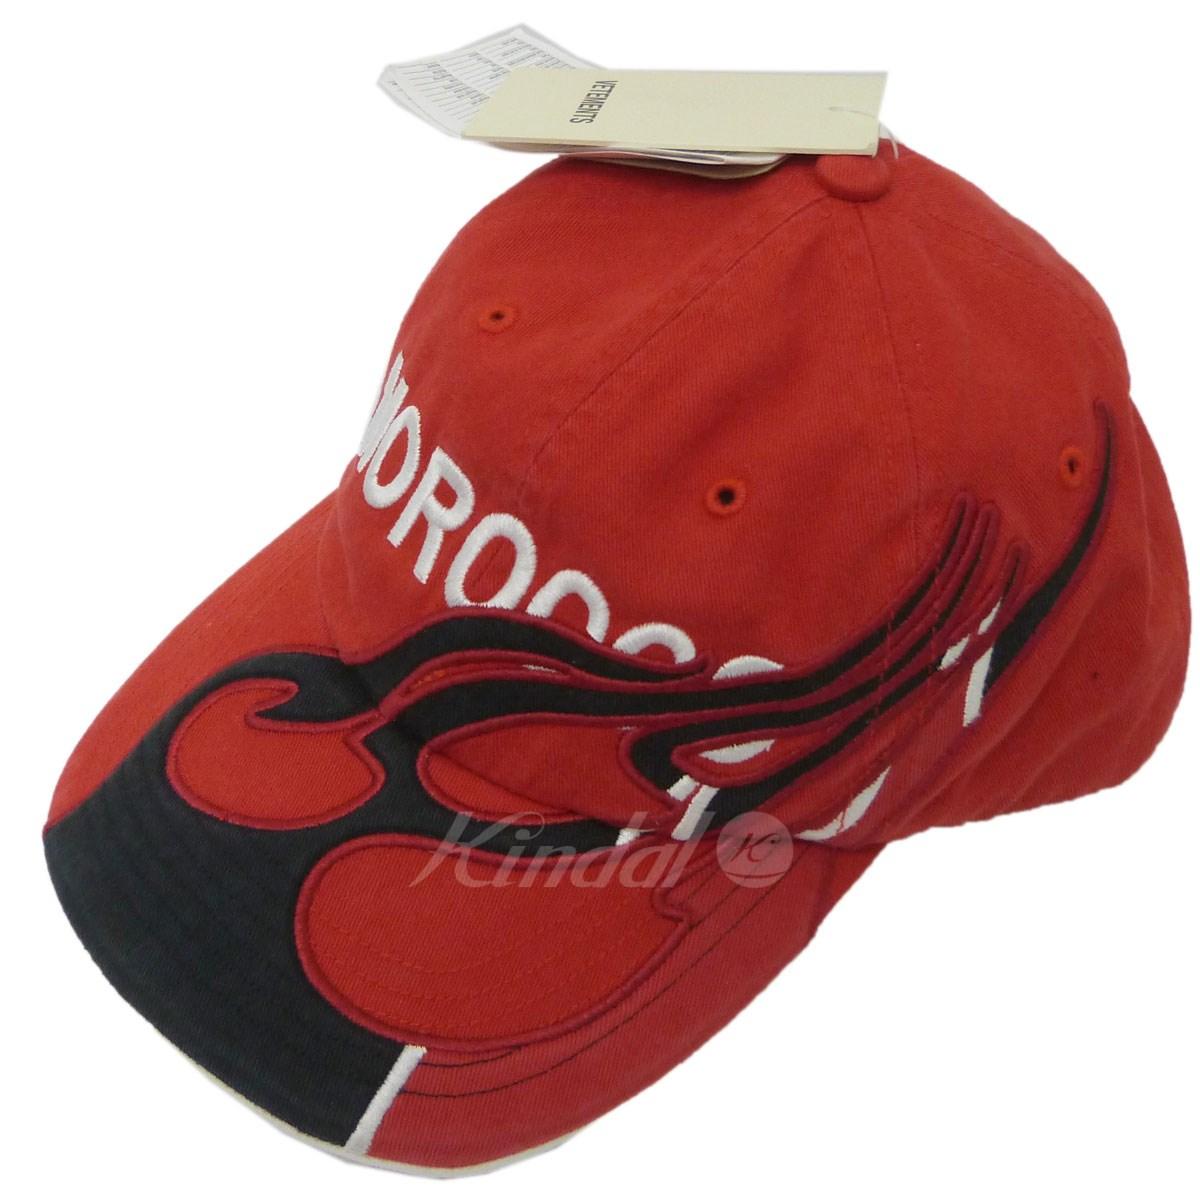 【中古】VETEMENTS×Reebok 18AW「Morocco Cotton Cap」刺繍キャップ レッド サイズ:OSFM 【送料無料】 【181118】(ヴェトモン×リーボック)